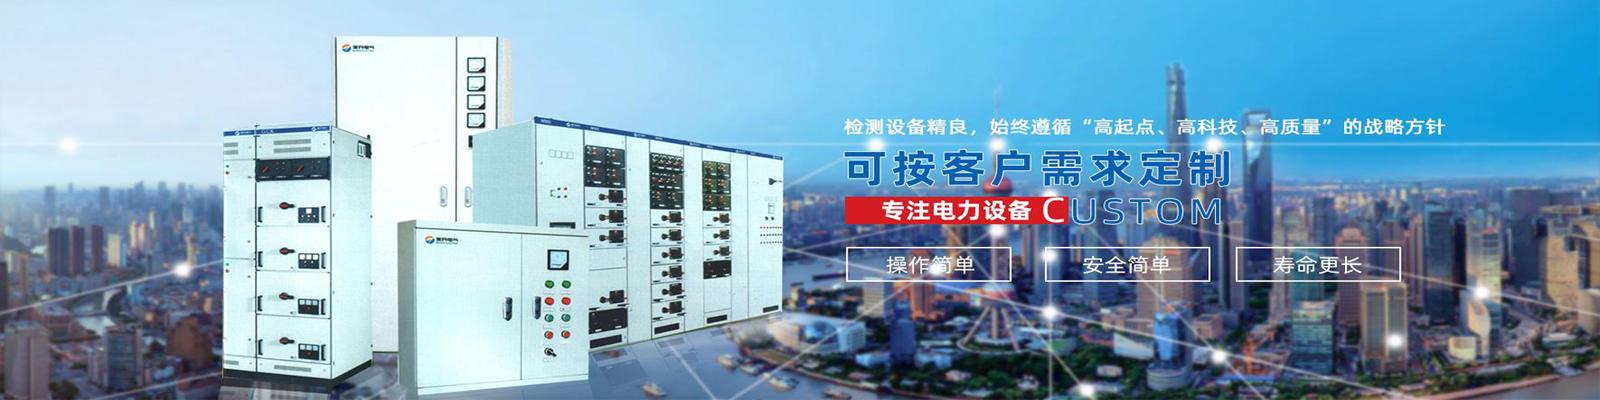 http://www.tssenhai.cn/data/upload/202101/20210107143802_258.jpg